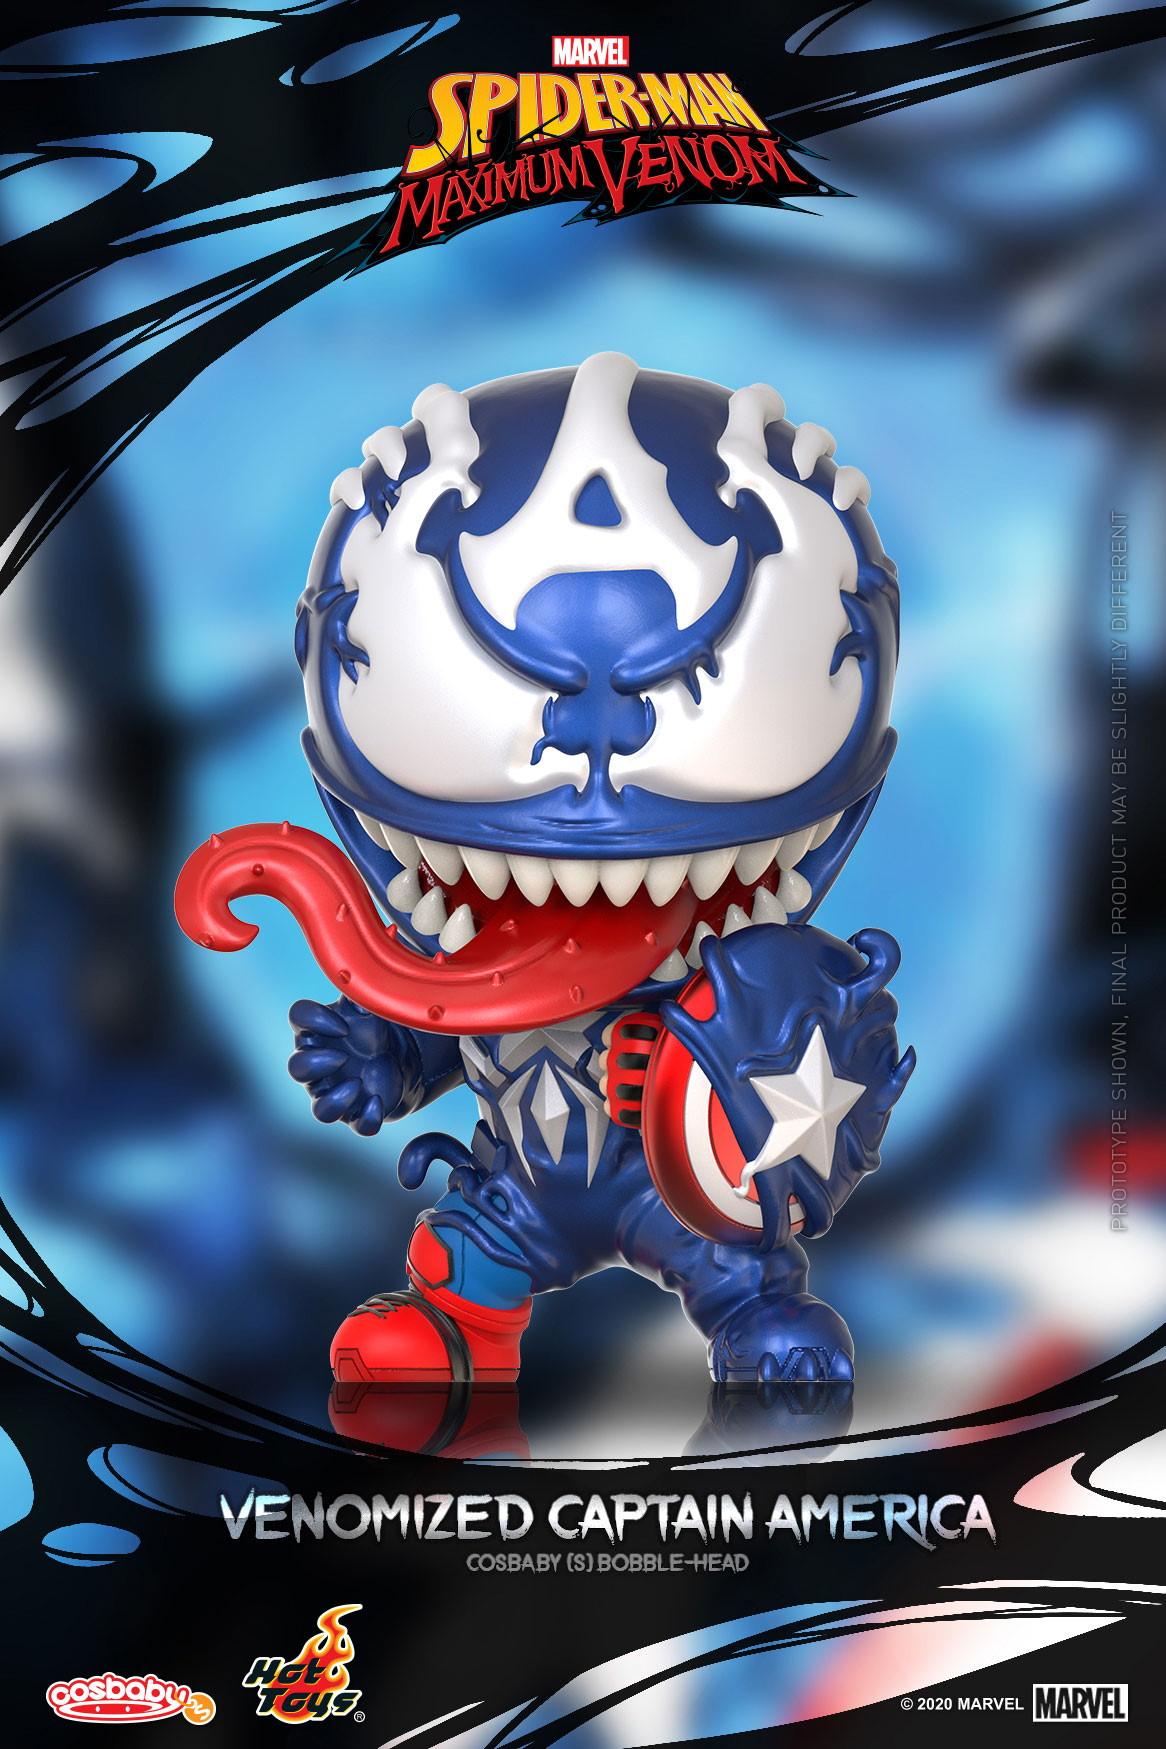 ■【コスベイビー】『スパイダーマン:マキシマム・ヴェノム』[サイズS]キャプテン・アメリカ(ヴェノム版)